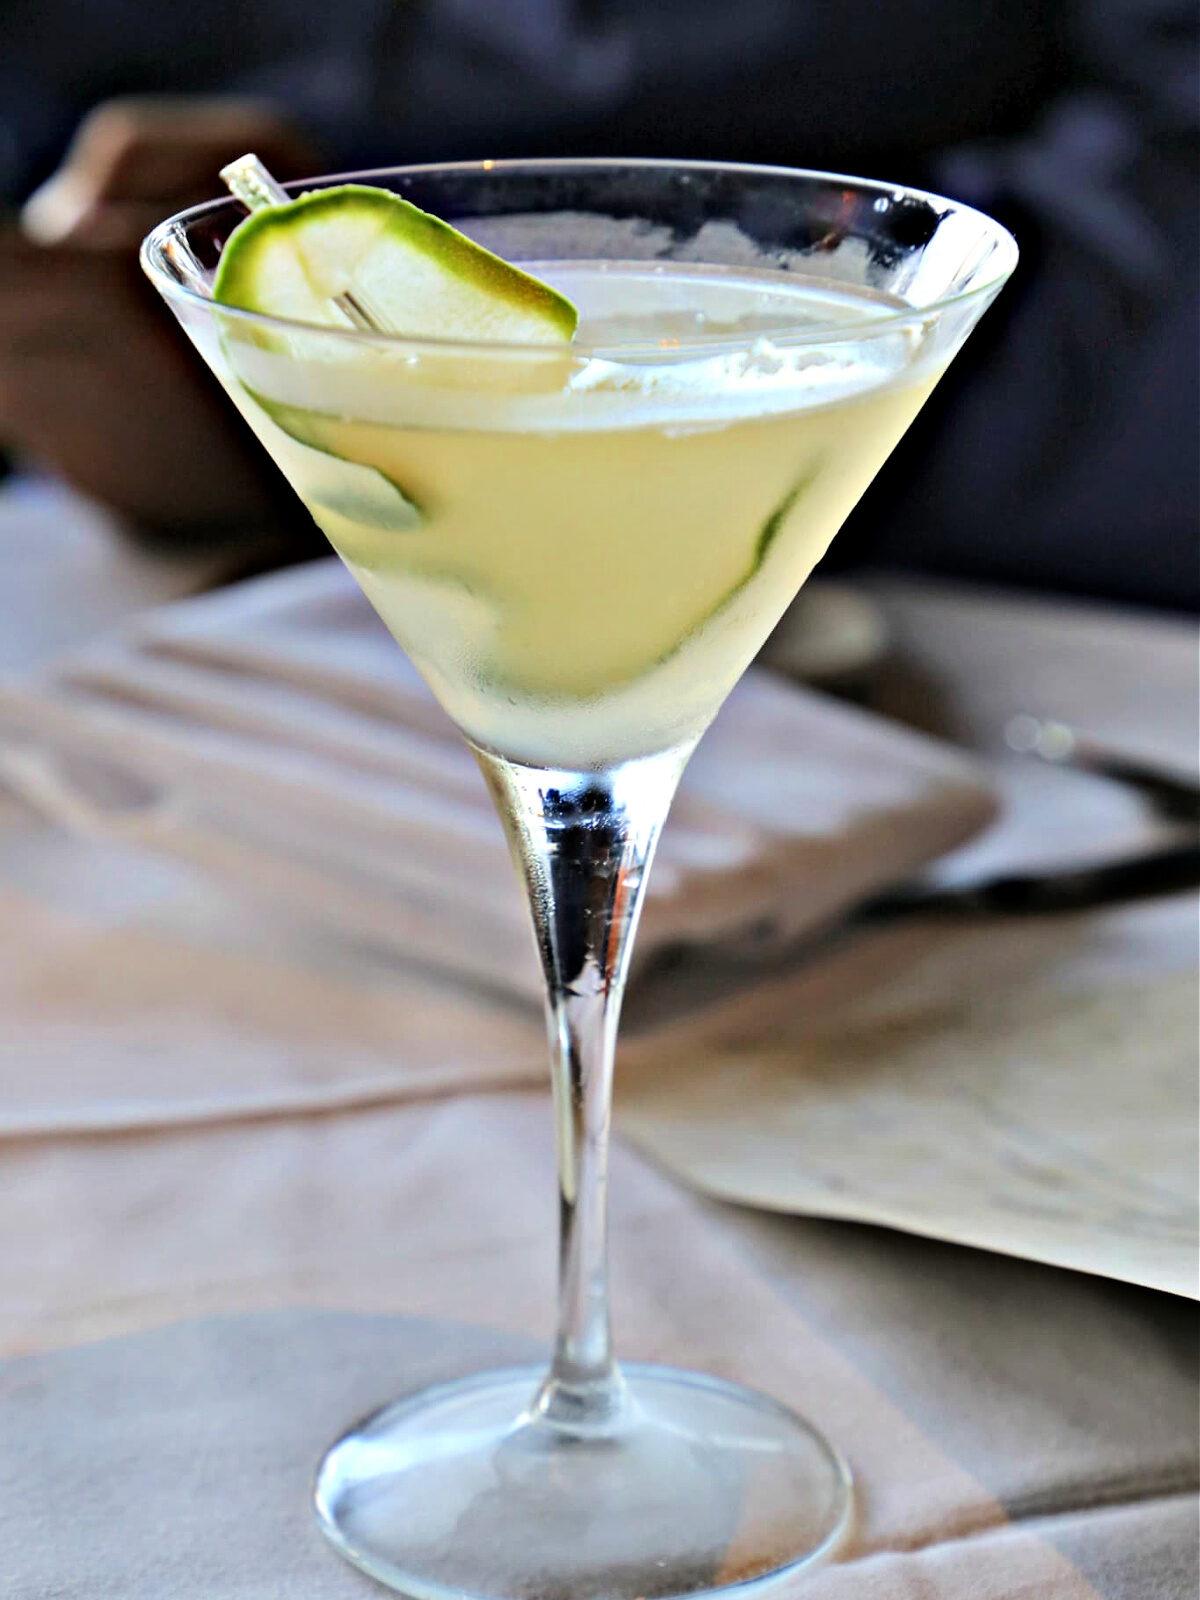 Cucumber martini in a martini glass with cucumber slice.